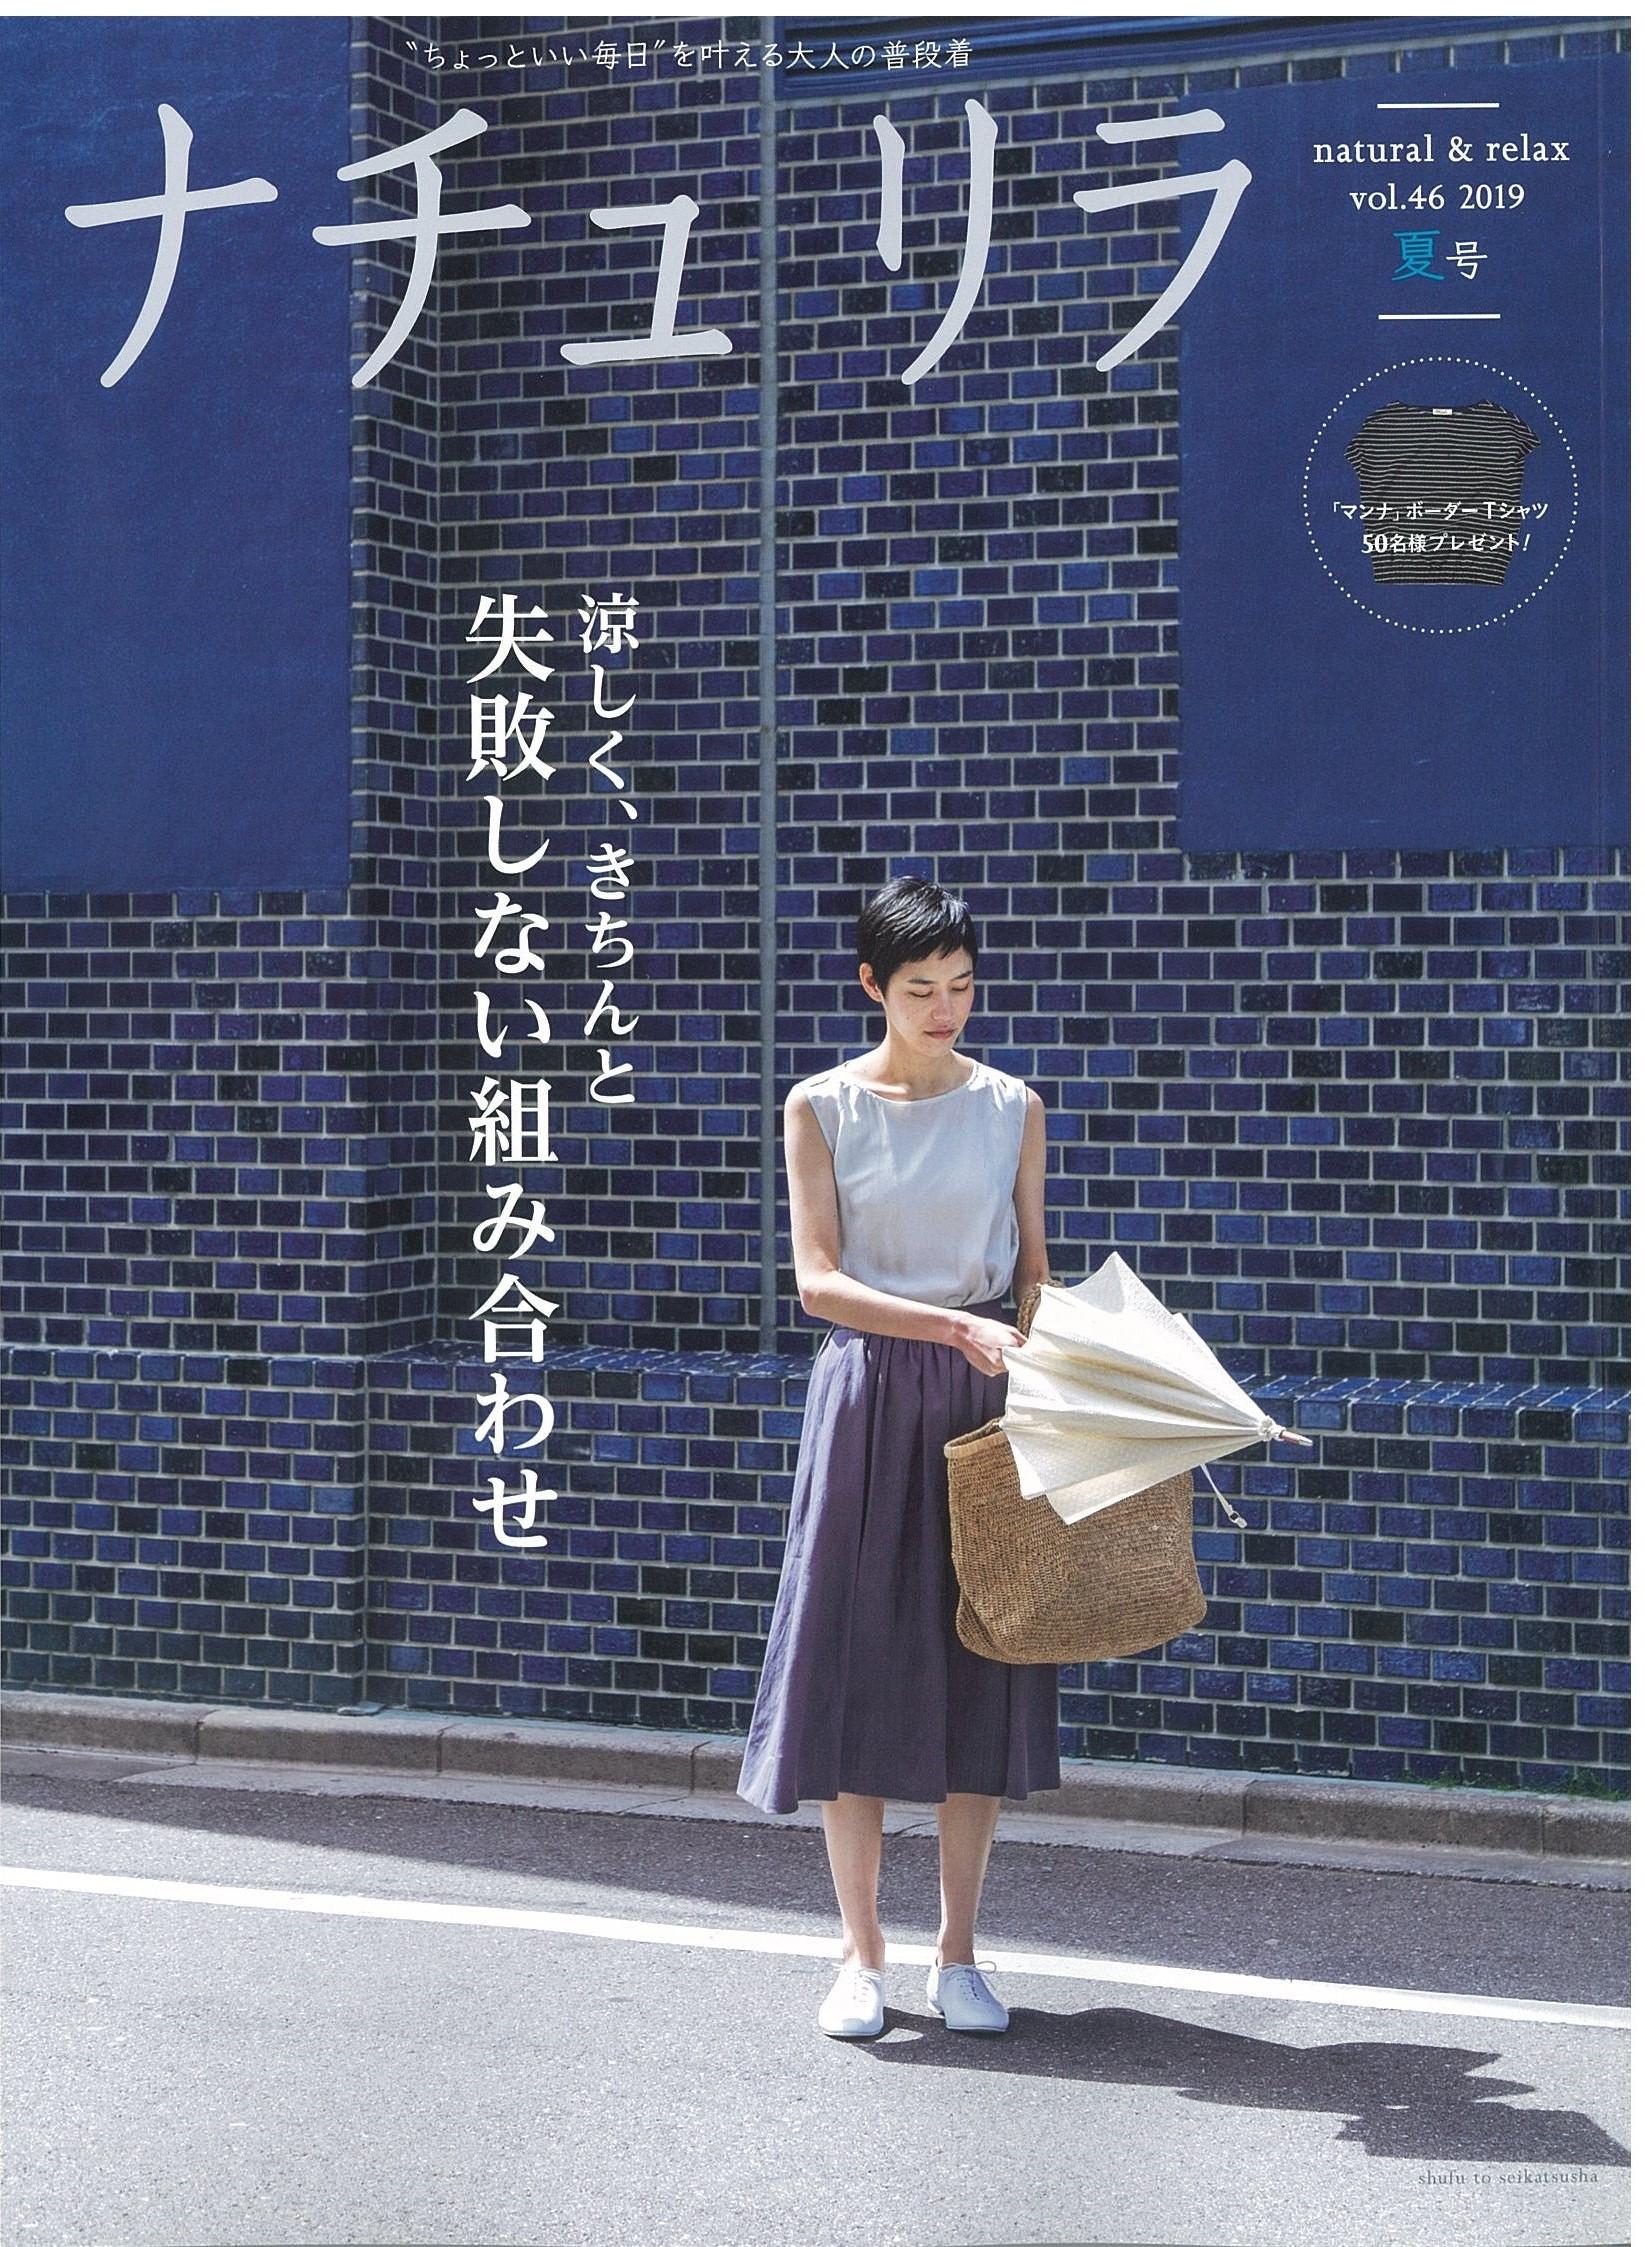 雑誌【ナチュ リラ 夏号 vol.46 2019】に、末吉製茶工房の商品を掲載して頂けました。